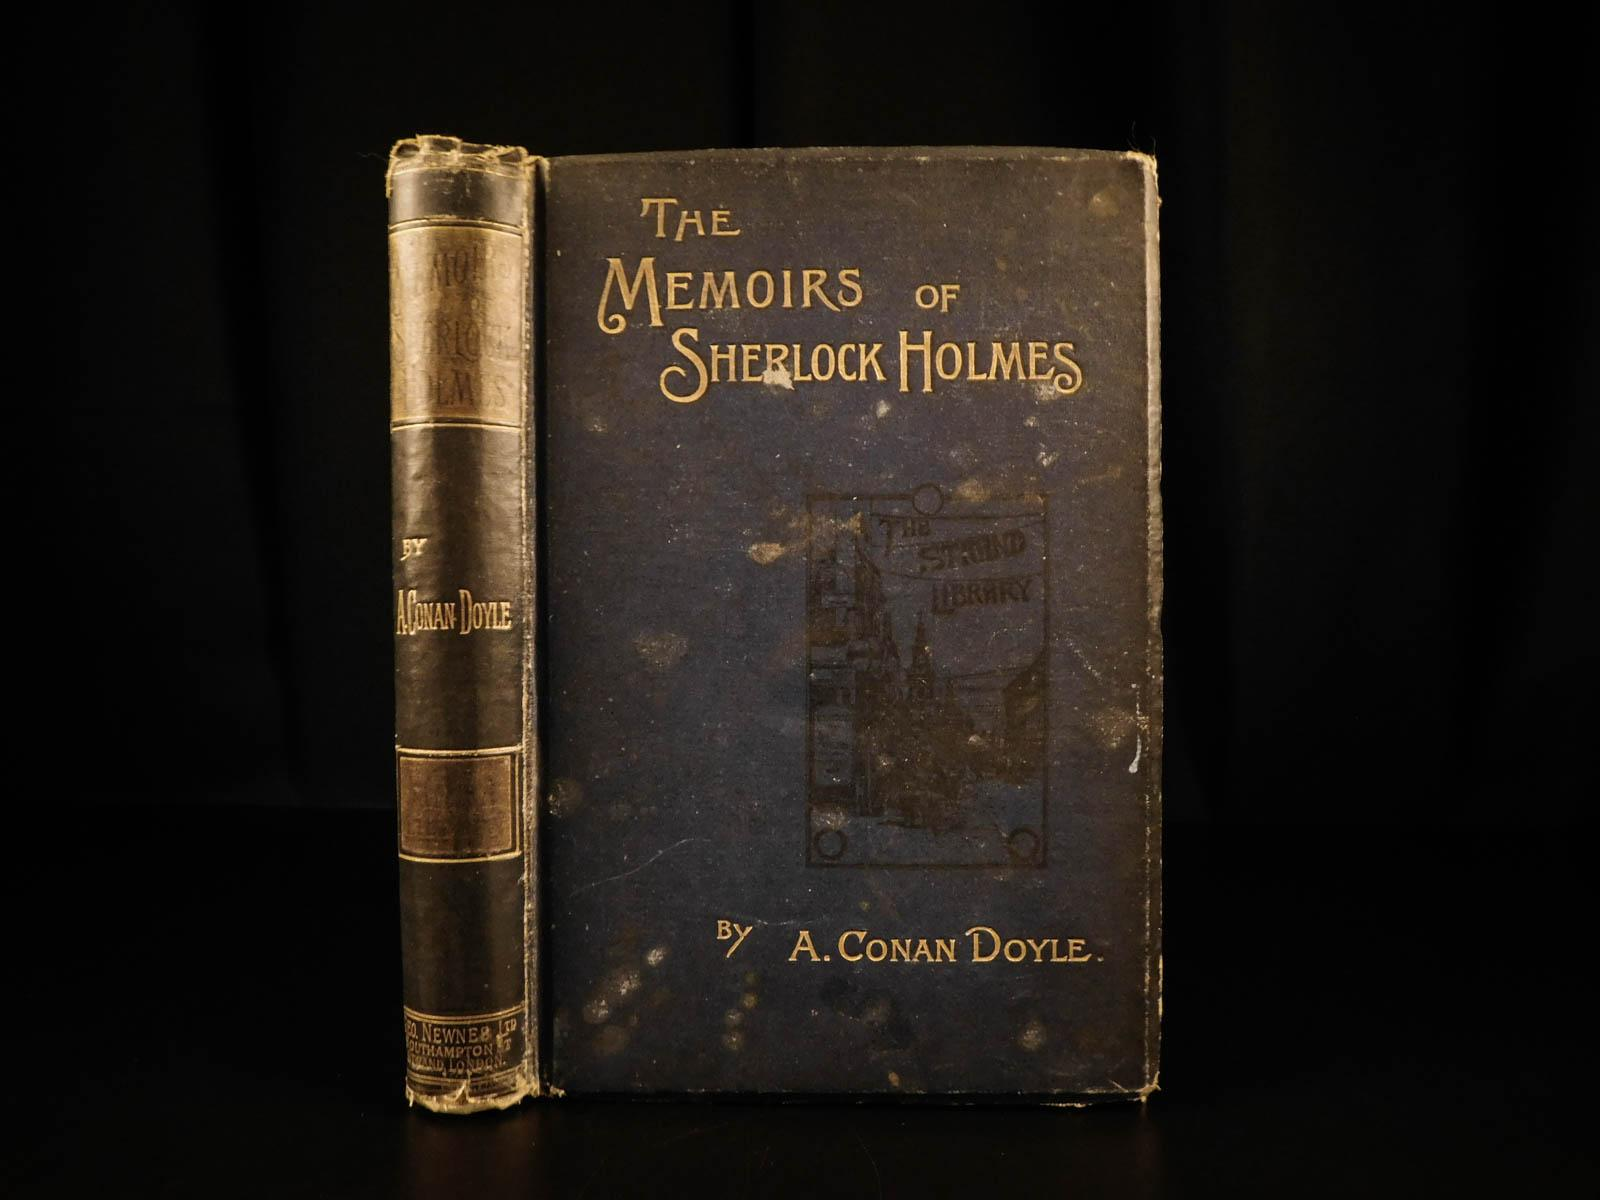 viaLibri ~ Rare Books from 1894 - Page 9